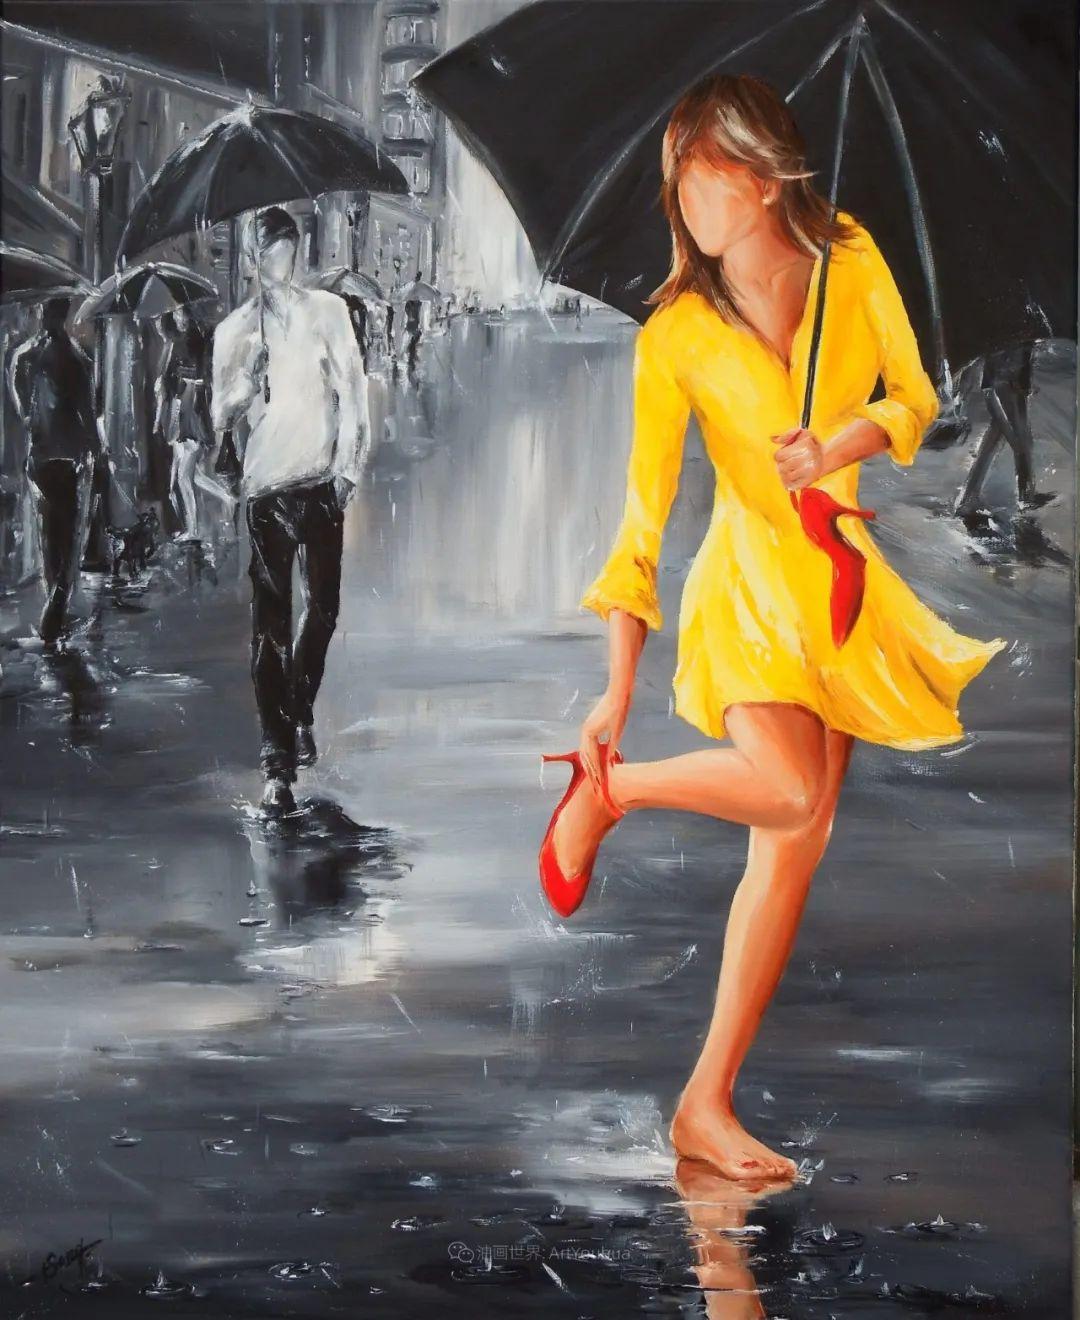 穿黄裙的女人,无忧无虑,轻盈美丽!插图12